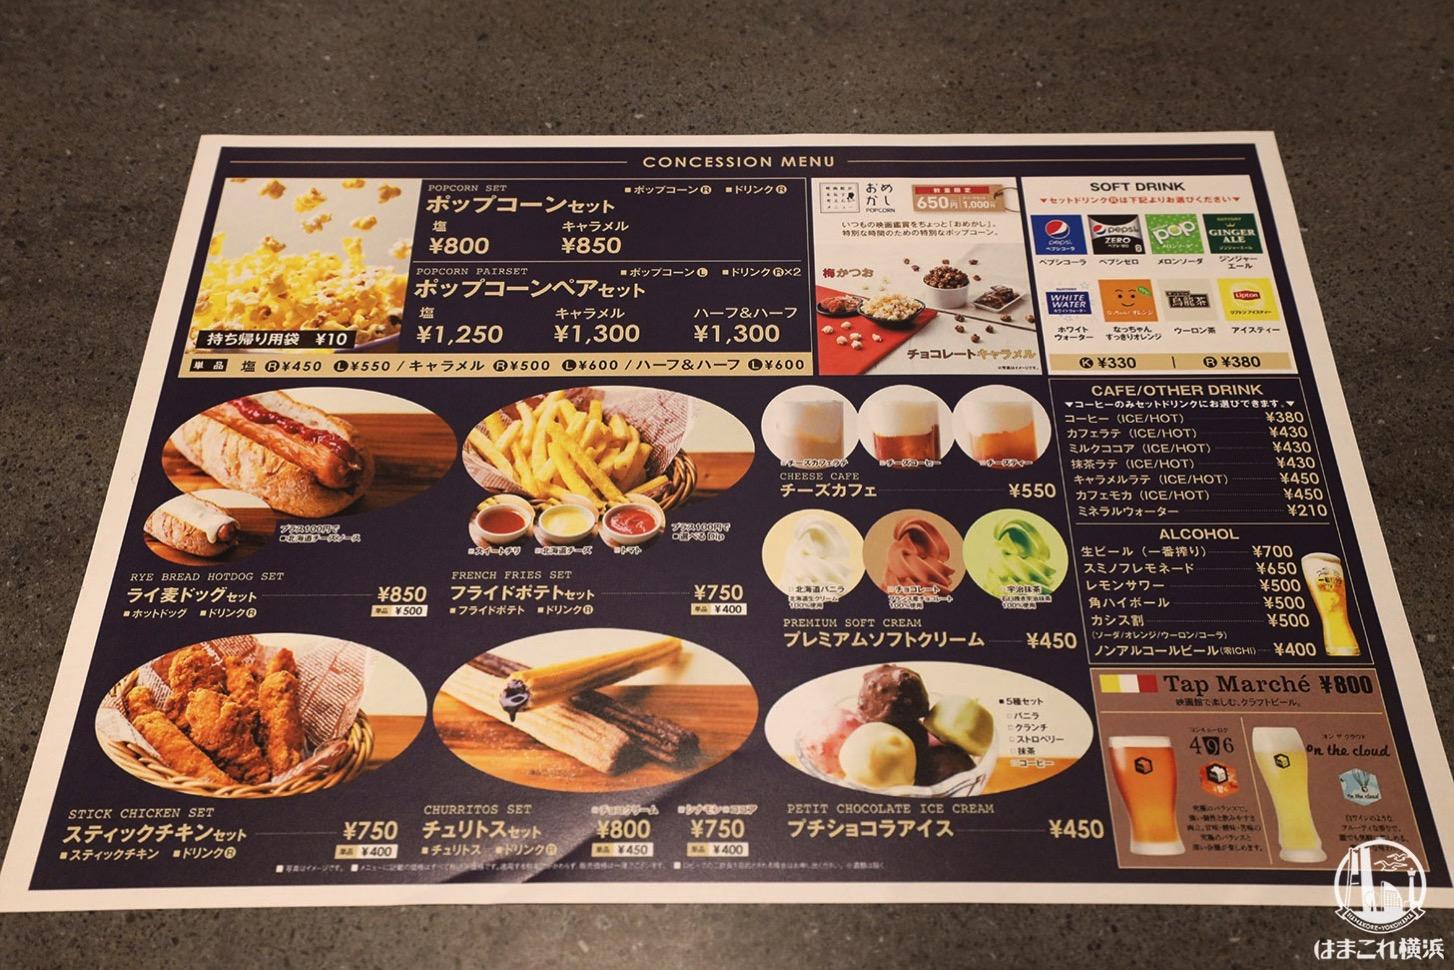 横浜駅 映画館「T・ジョイ横浜」フードコーナー メニュー